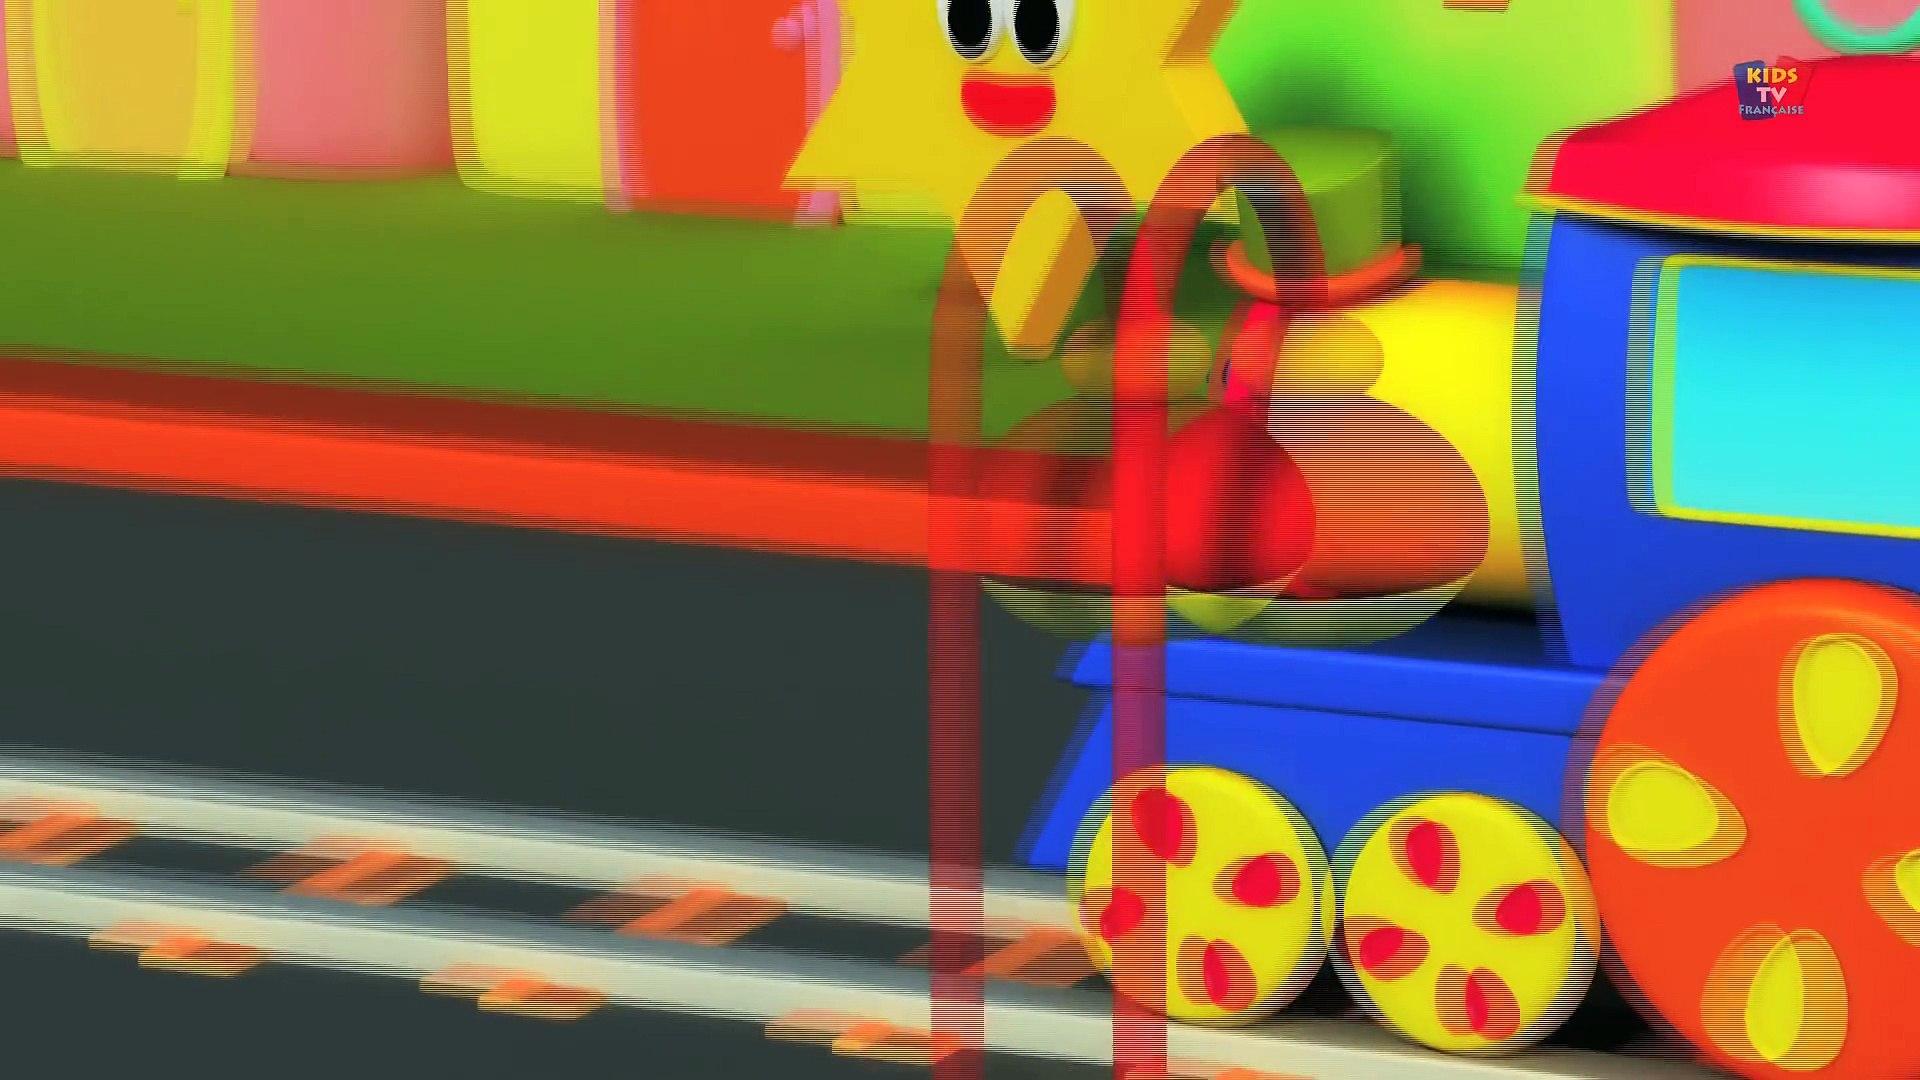 Bob, the train - Bob train farm visit - bob train adventure compilation for childrens in french